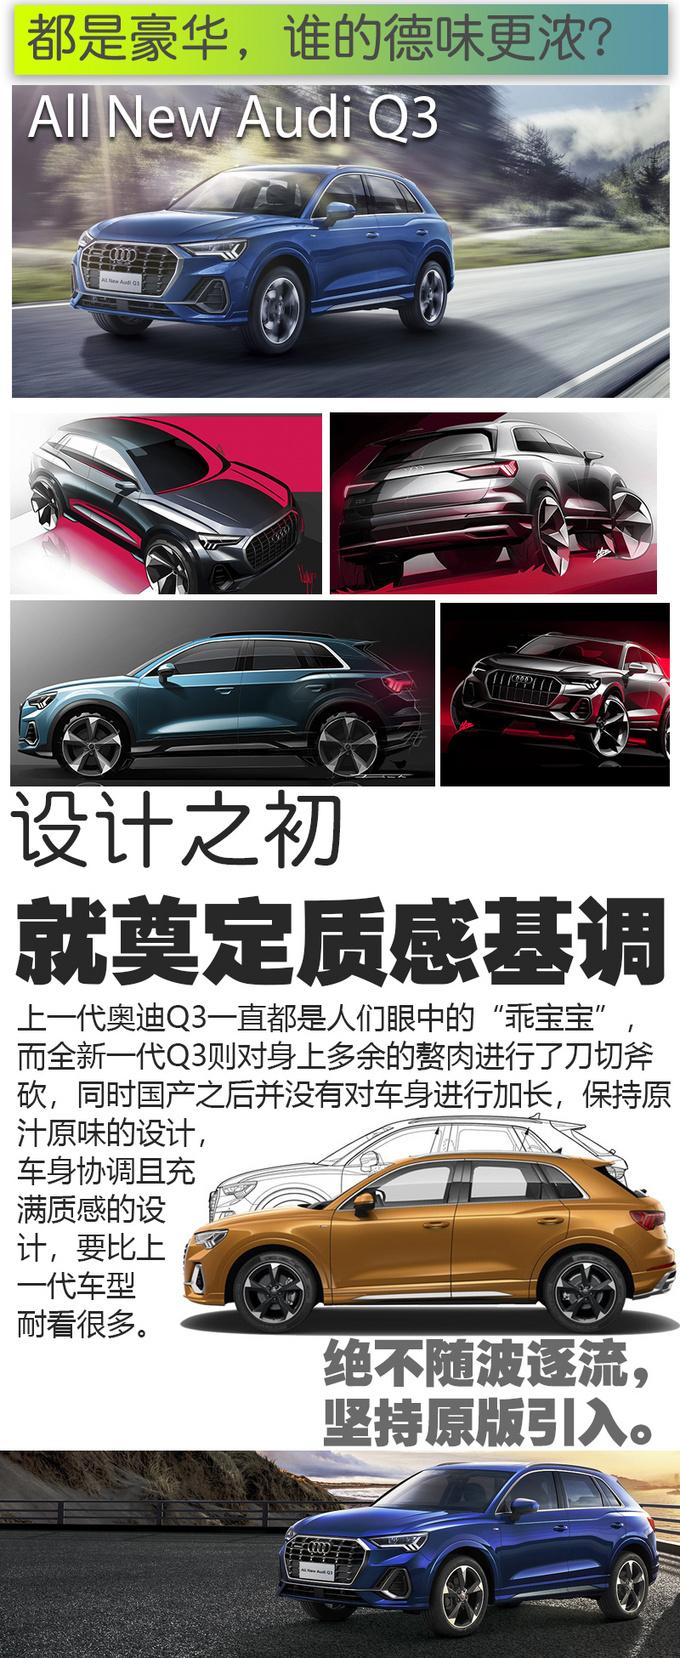 奥迪Q3/宝马X1/奔驰GLB 究竟是谁重新定义豪华SUV-图3